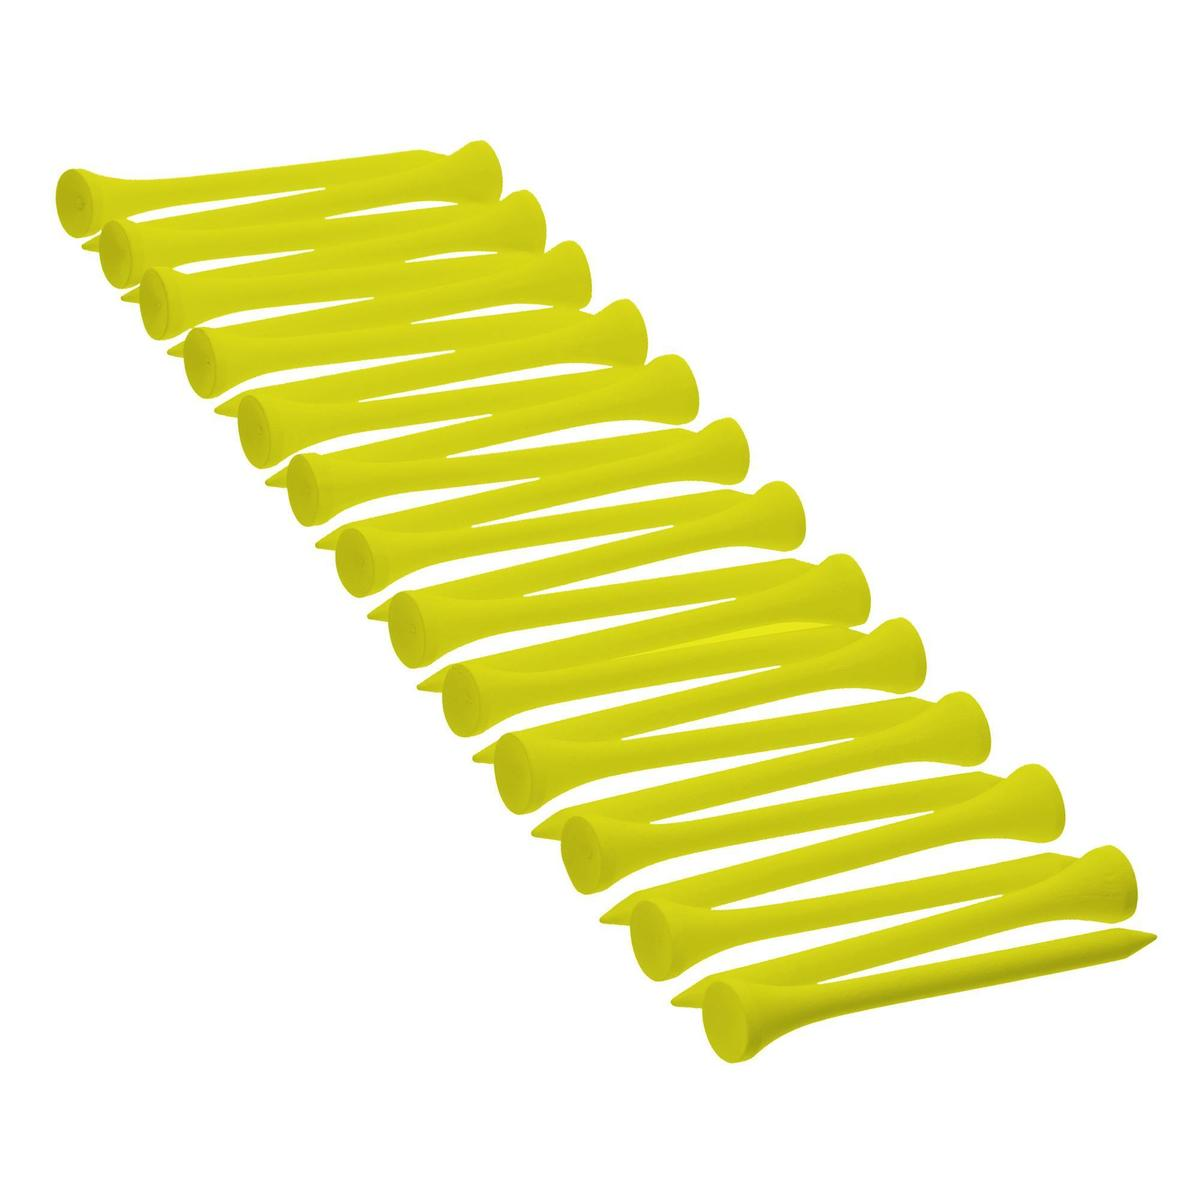 Bild 1 von Golf Holz-Tees 69 mm 25 Stück gelb